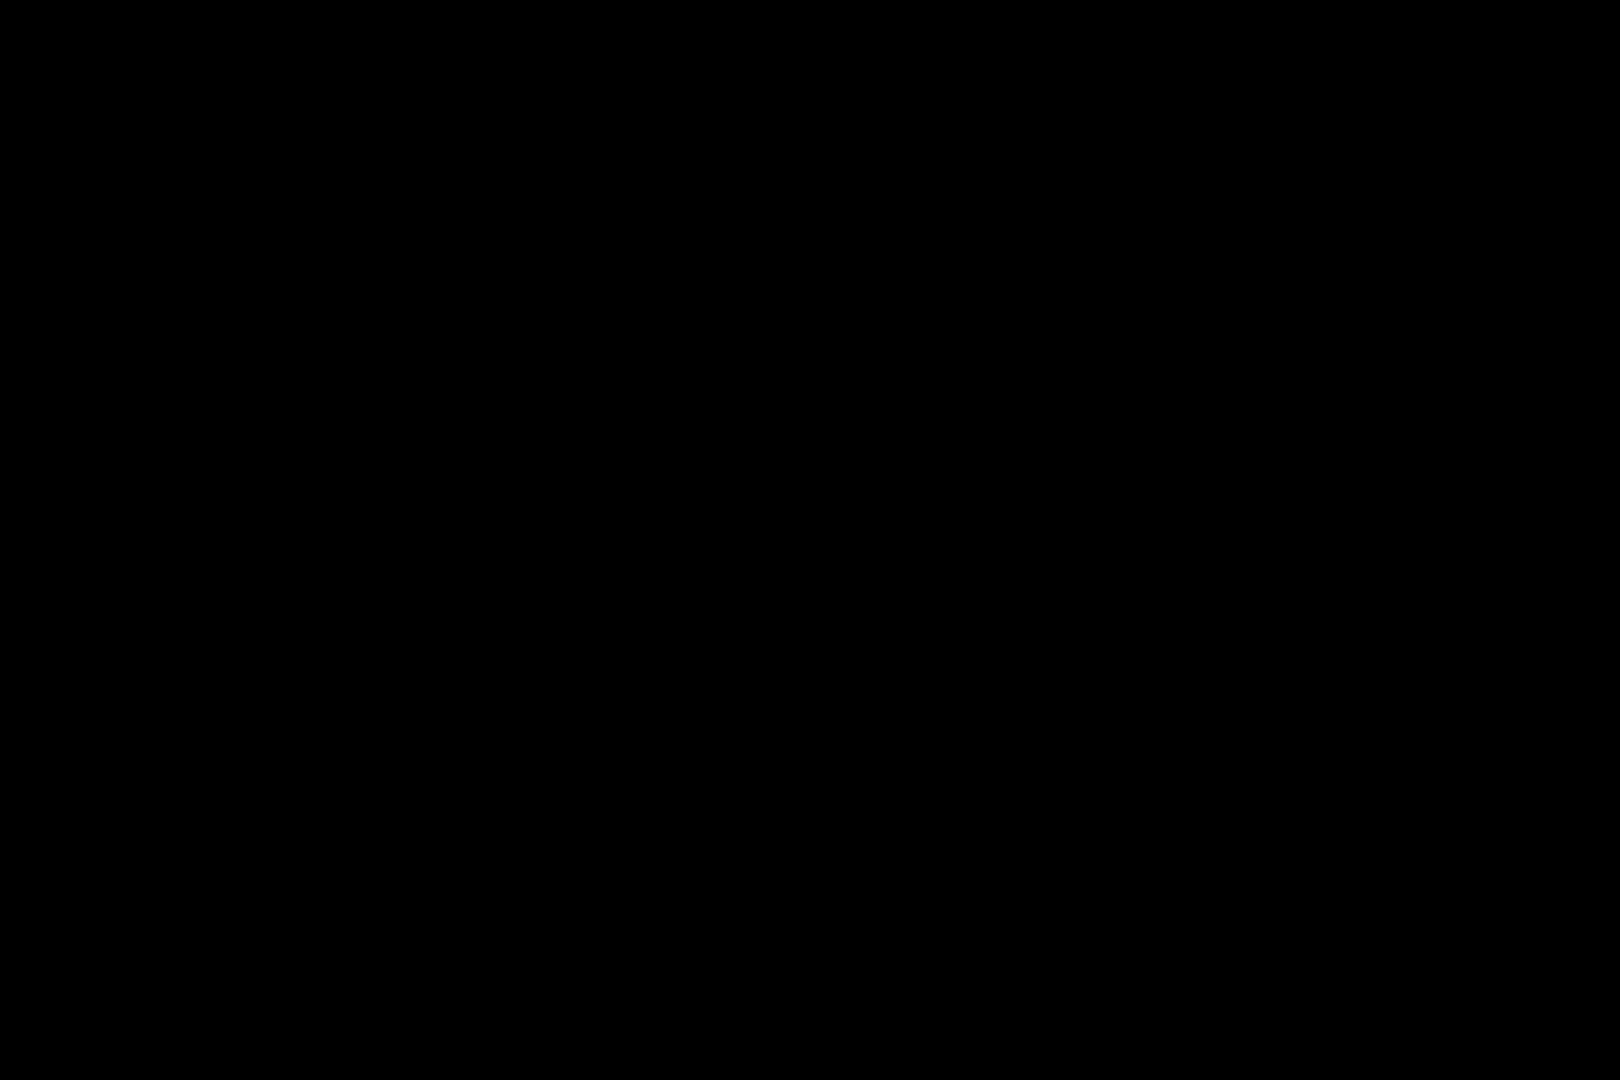 実録!ラブホテル~消し忘れ注意!昭和の色編~ vol.18 手マンギャル ぱこり動画紹介 98連発 83